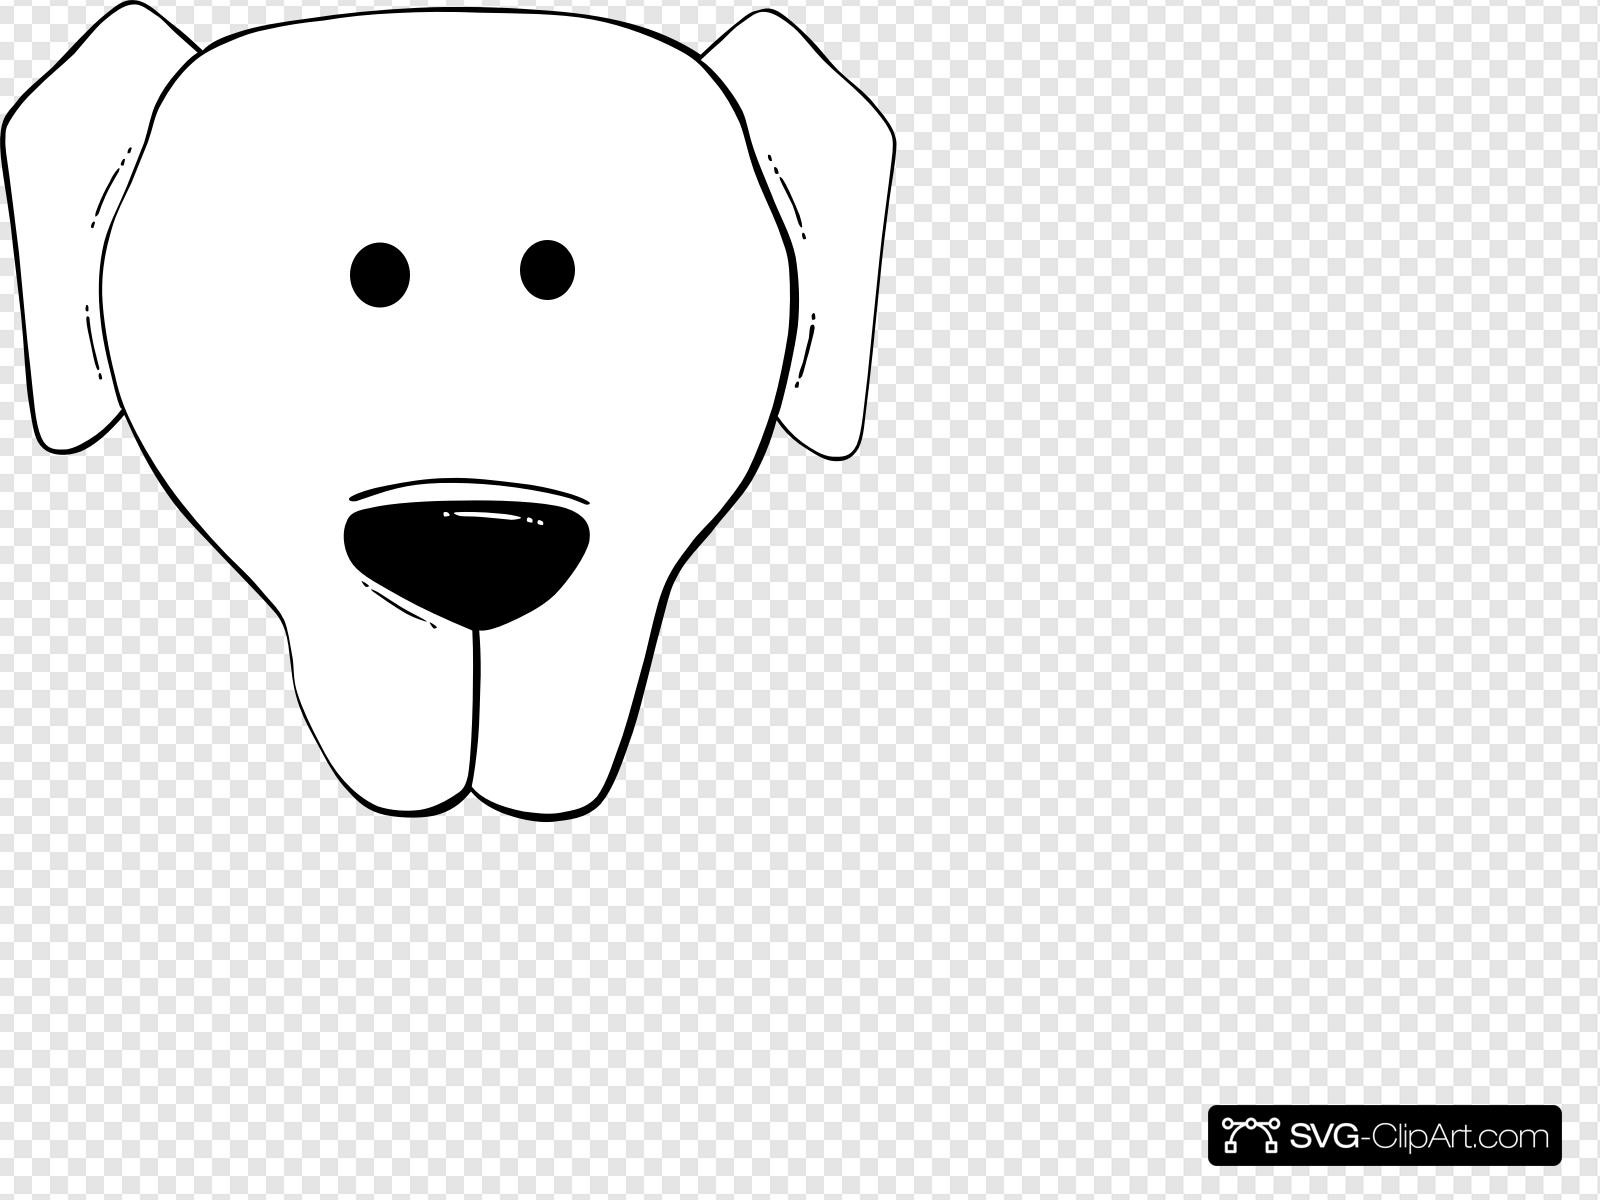 Plain clipart black and white jpg stock Black White Plain Clip art, Icon and SVG - SVG Clipart jpg stock